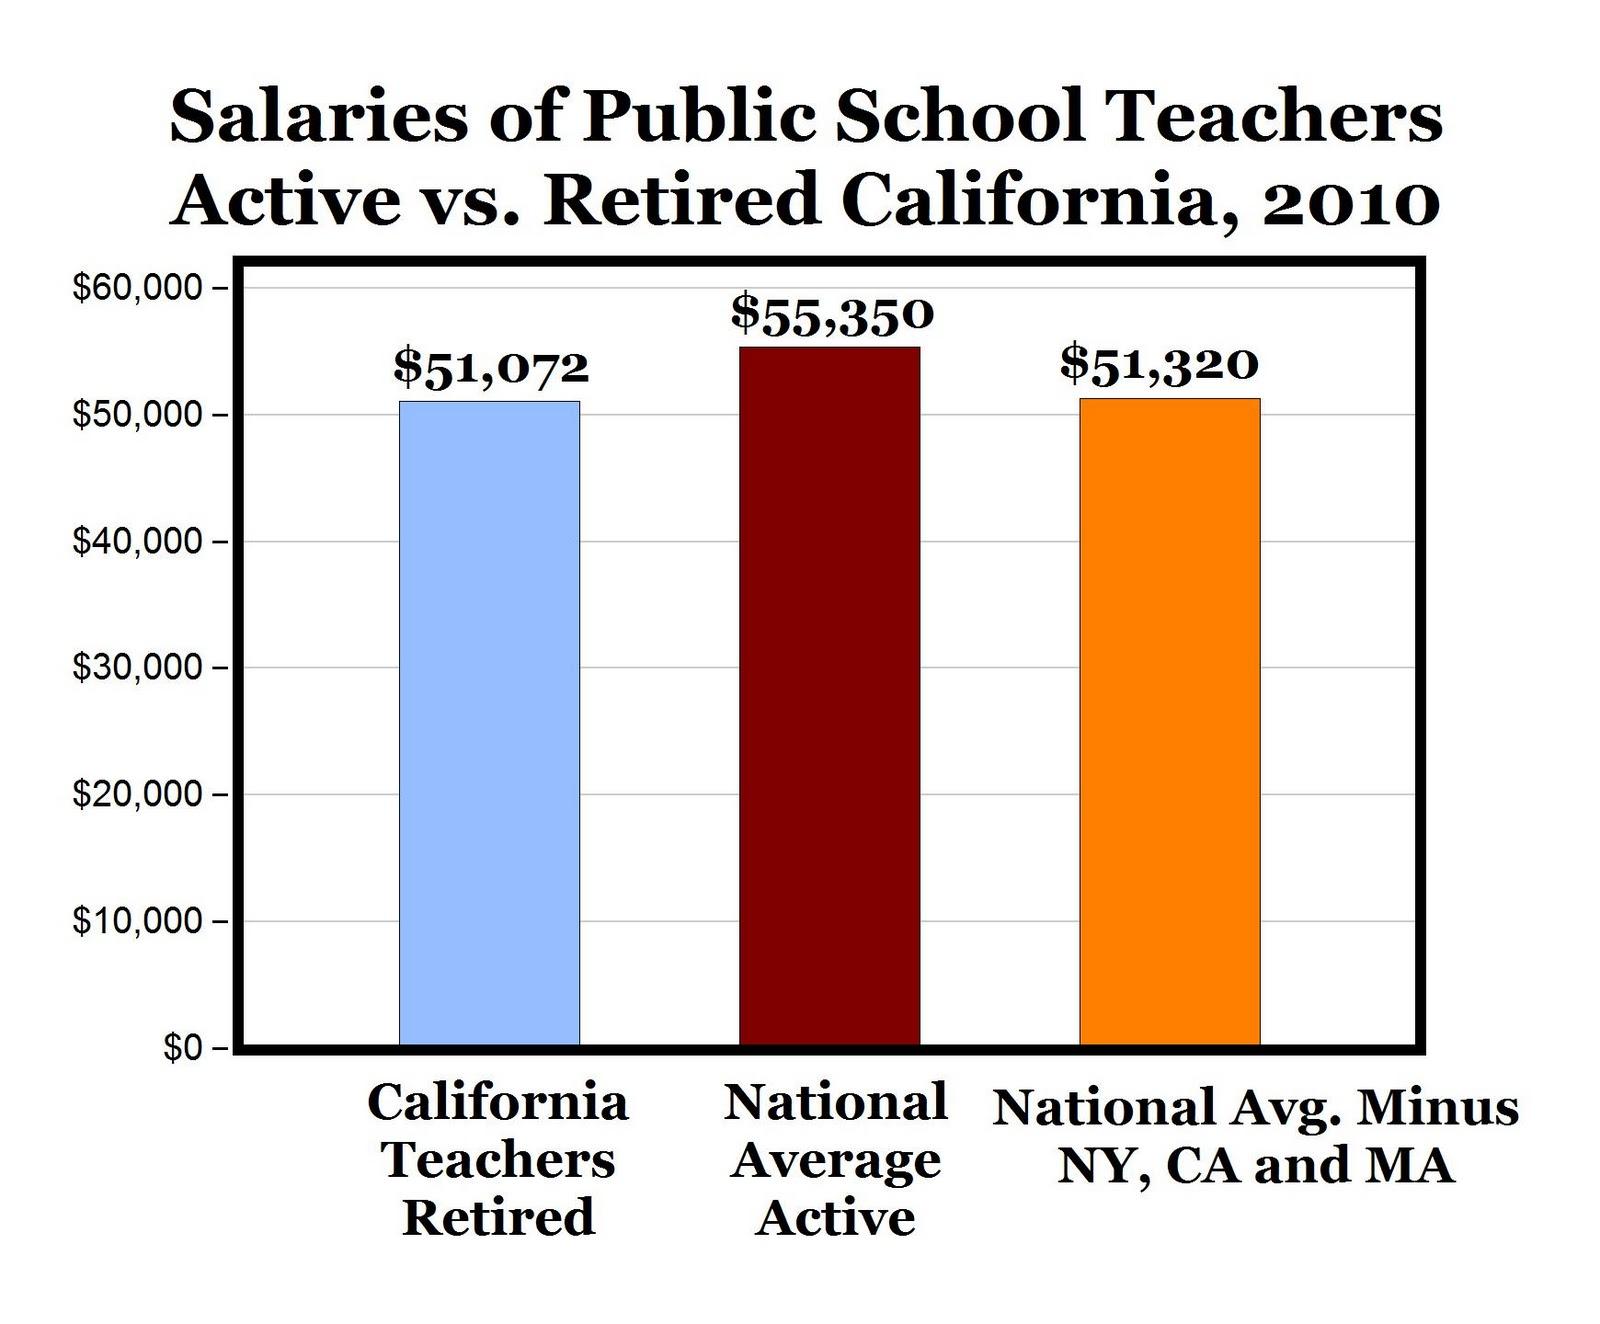 Carpe Diem Teachers In Ca Receive More In Retirement Than